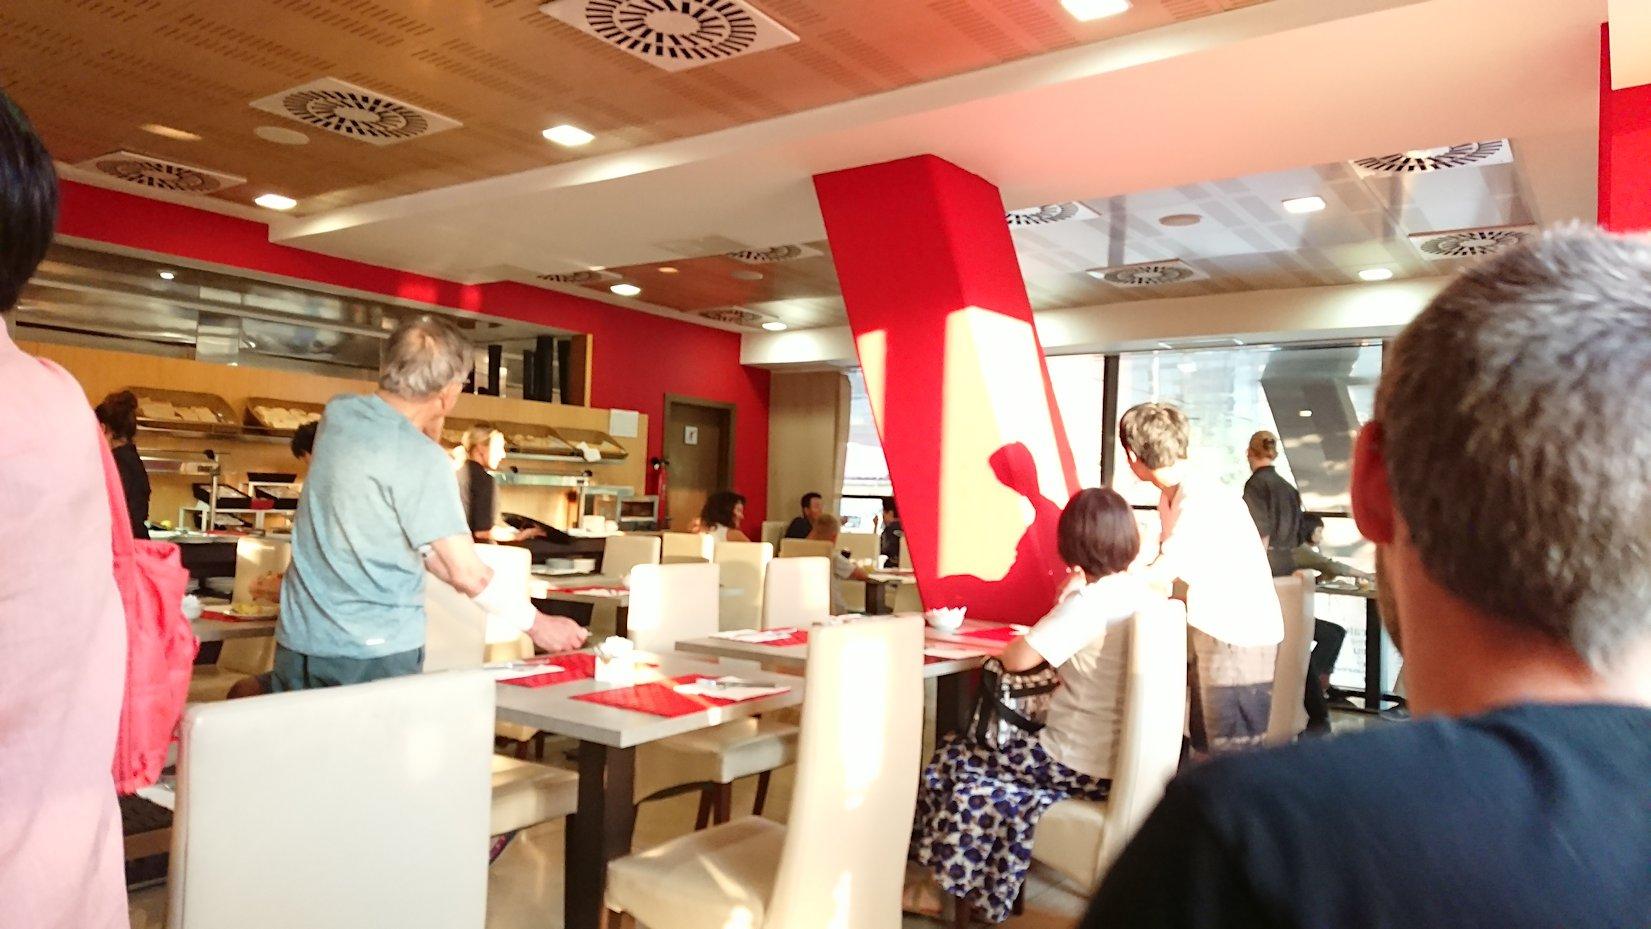 スペイン旅行 バルセロナ 朝食 日本旅行